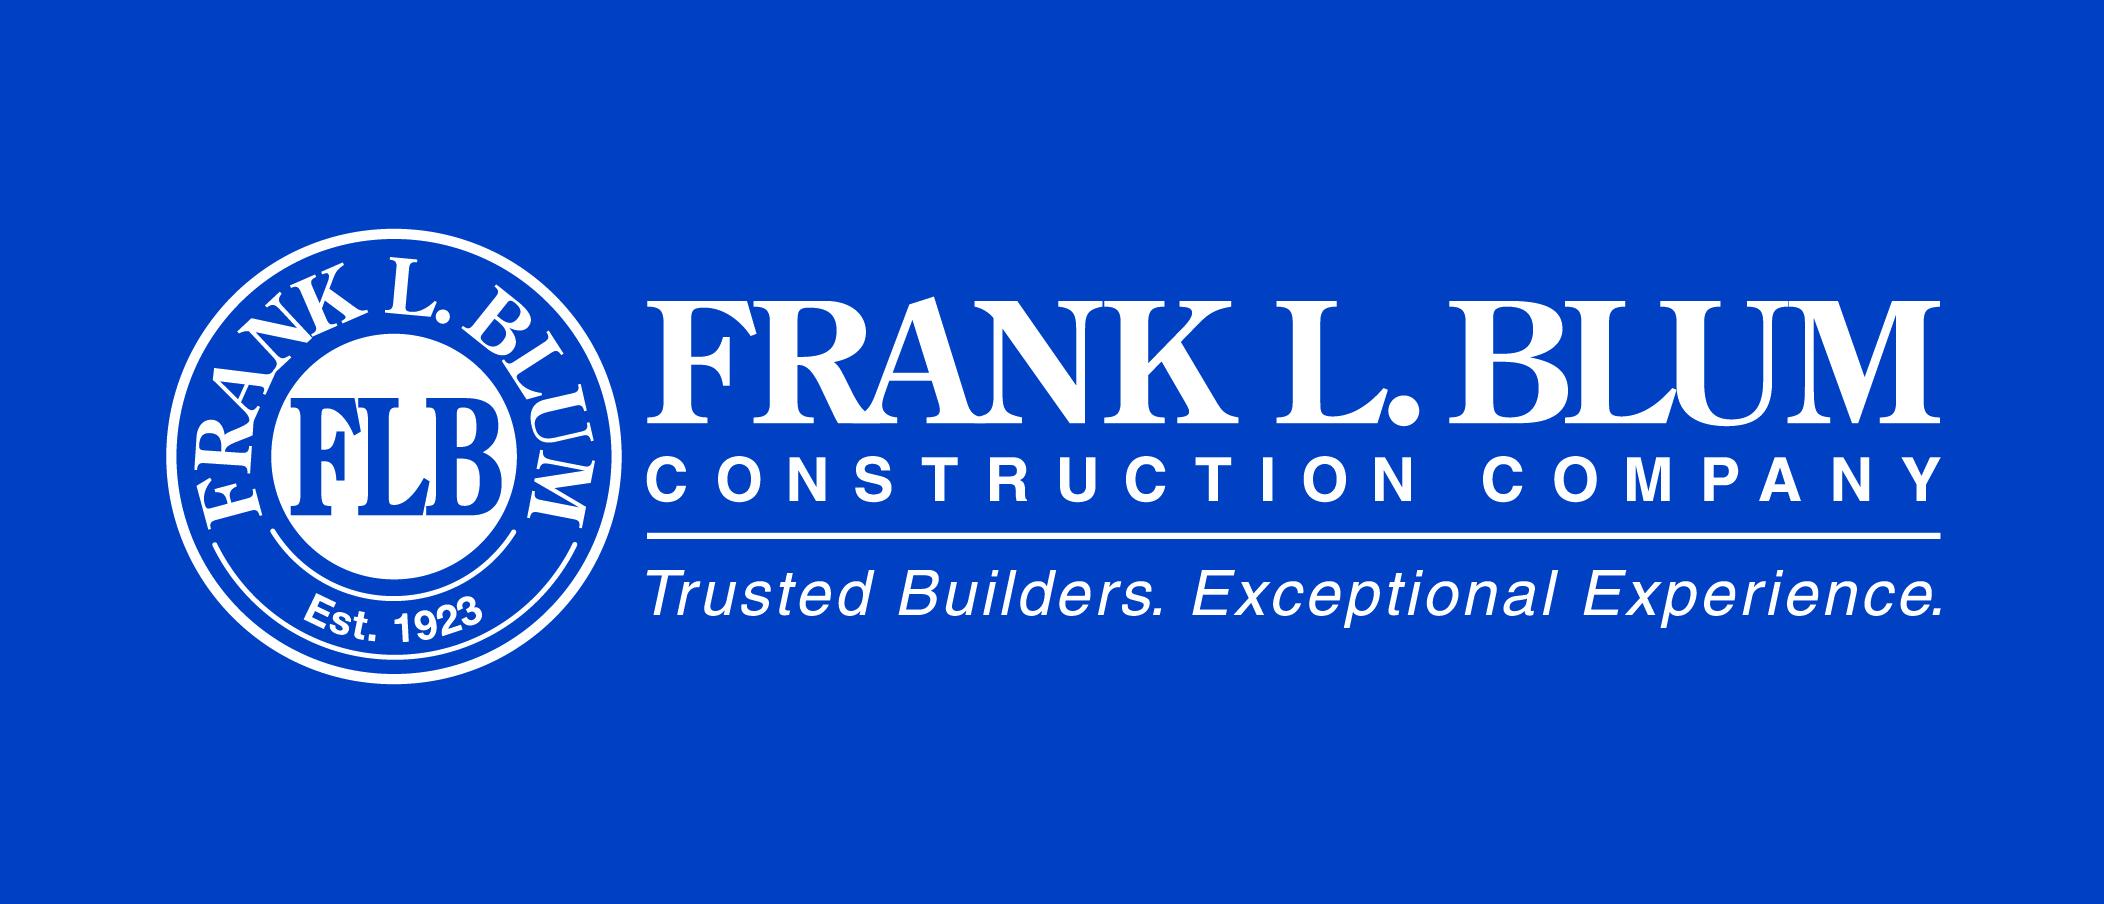 Sponsor Frank L. Blum Construction Co.